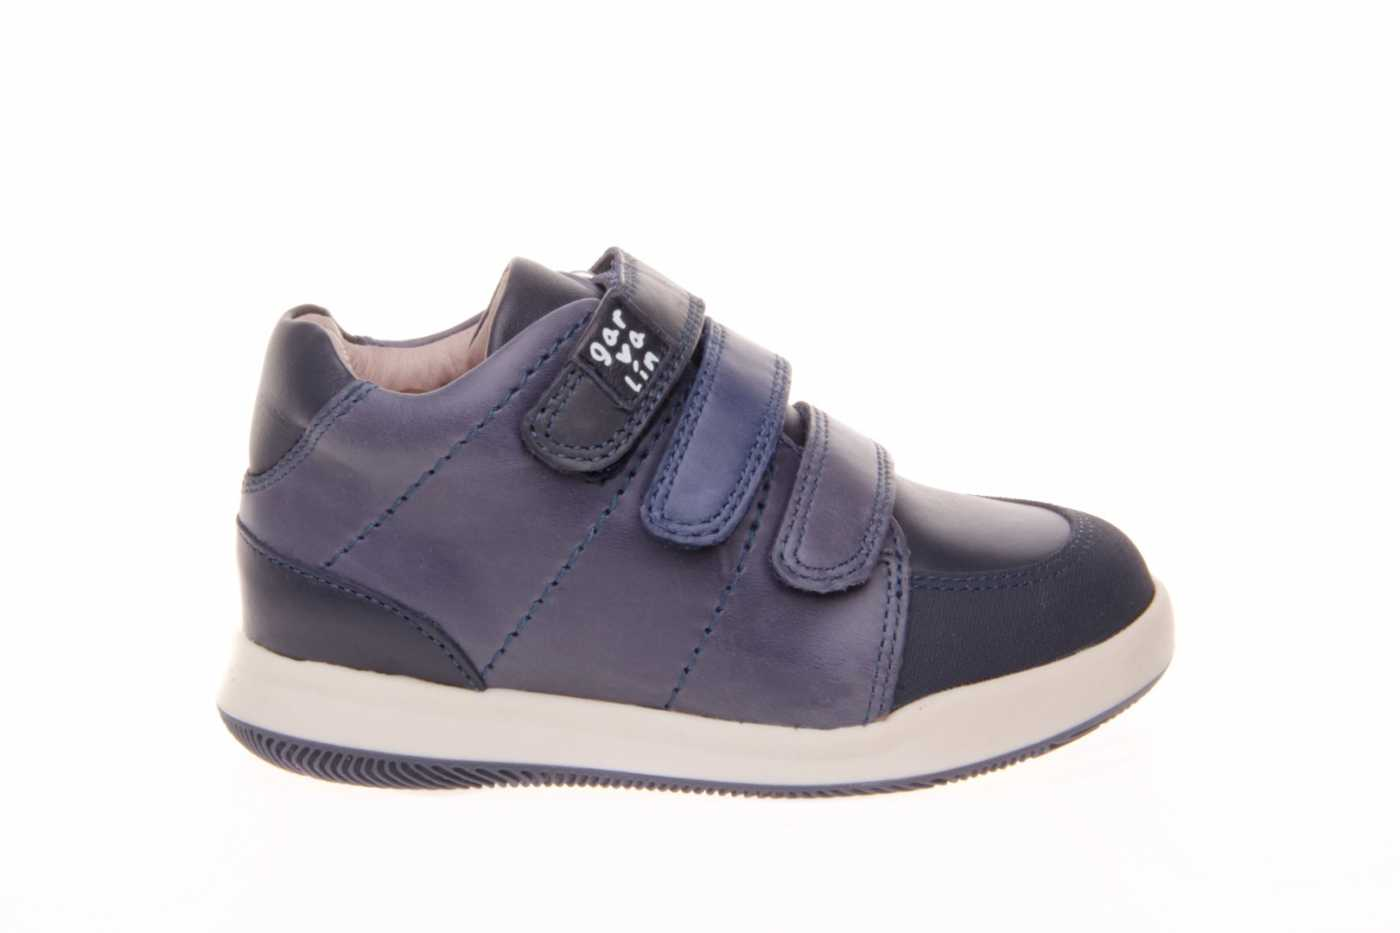 7453b1797eb Botas Niño Zapato Bota Tipo Joven Comprar Piel Azul Color Estilo XStqBxPw